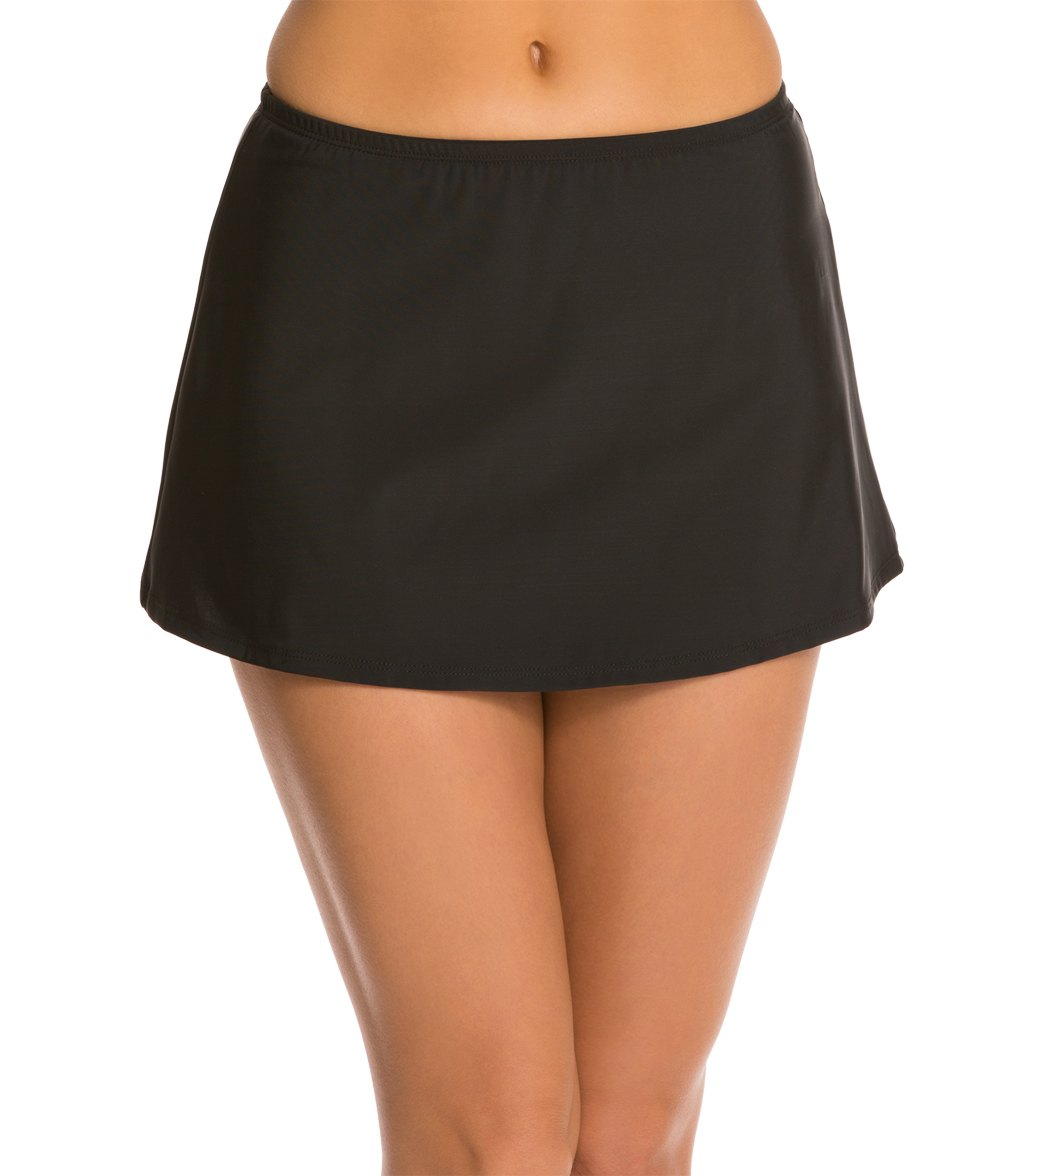 Topanga Solid Swim Skirt